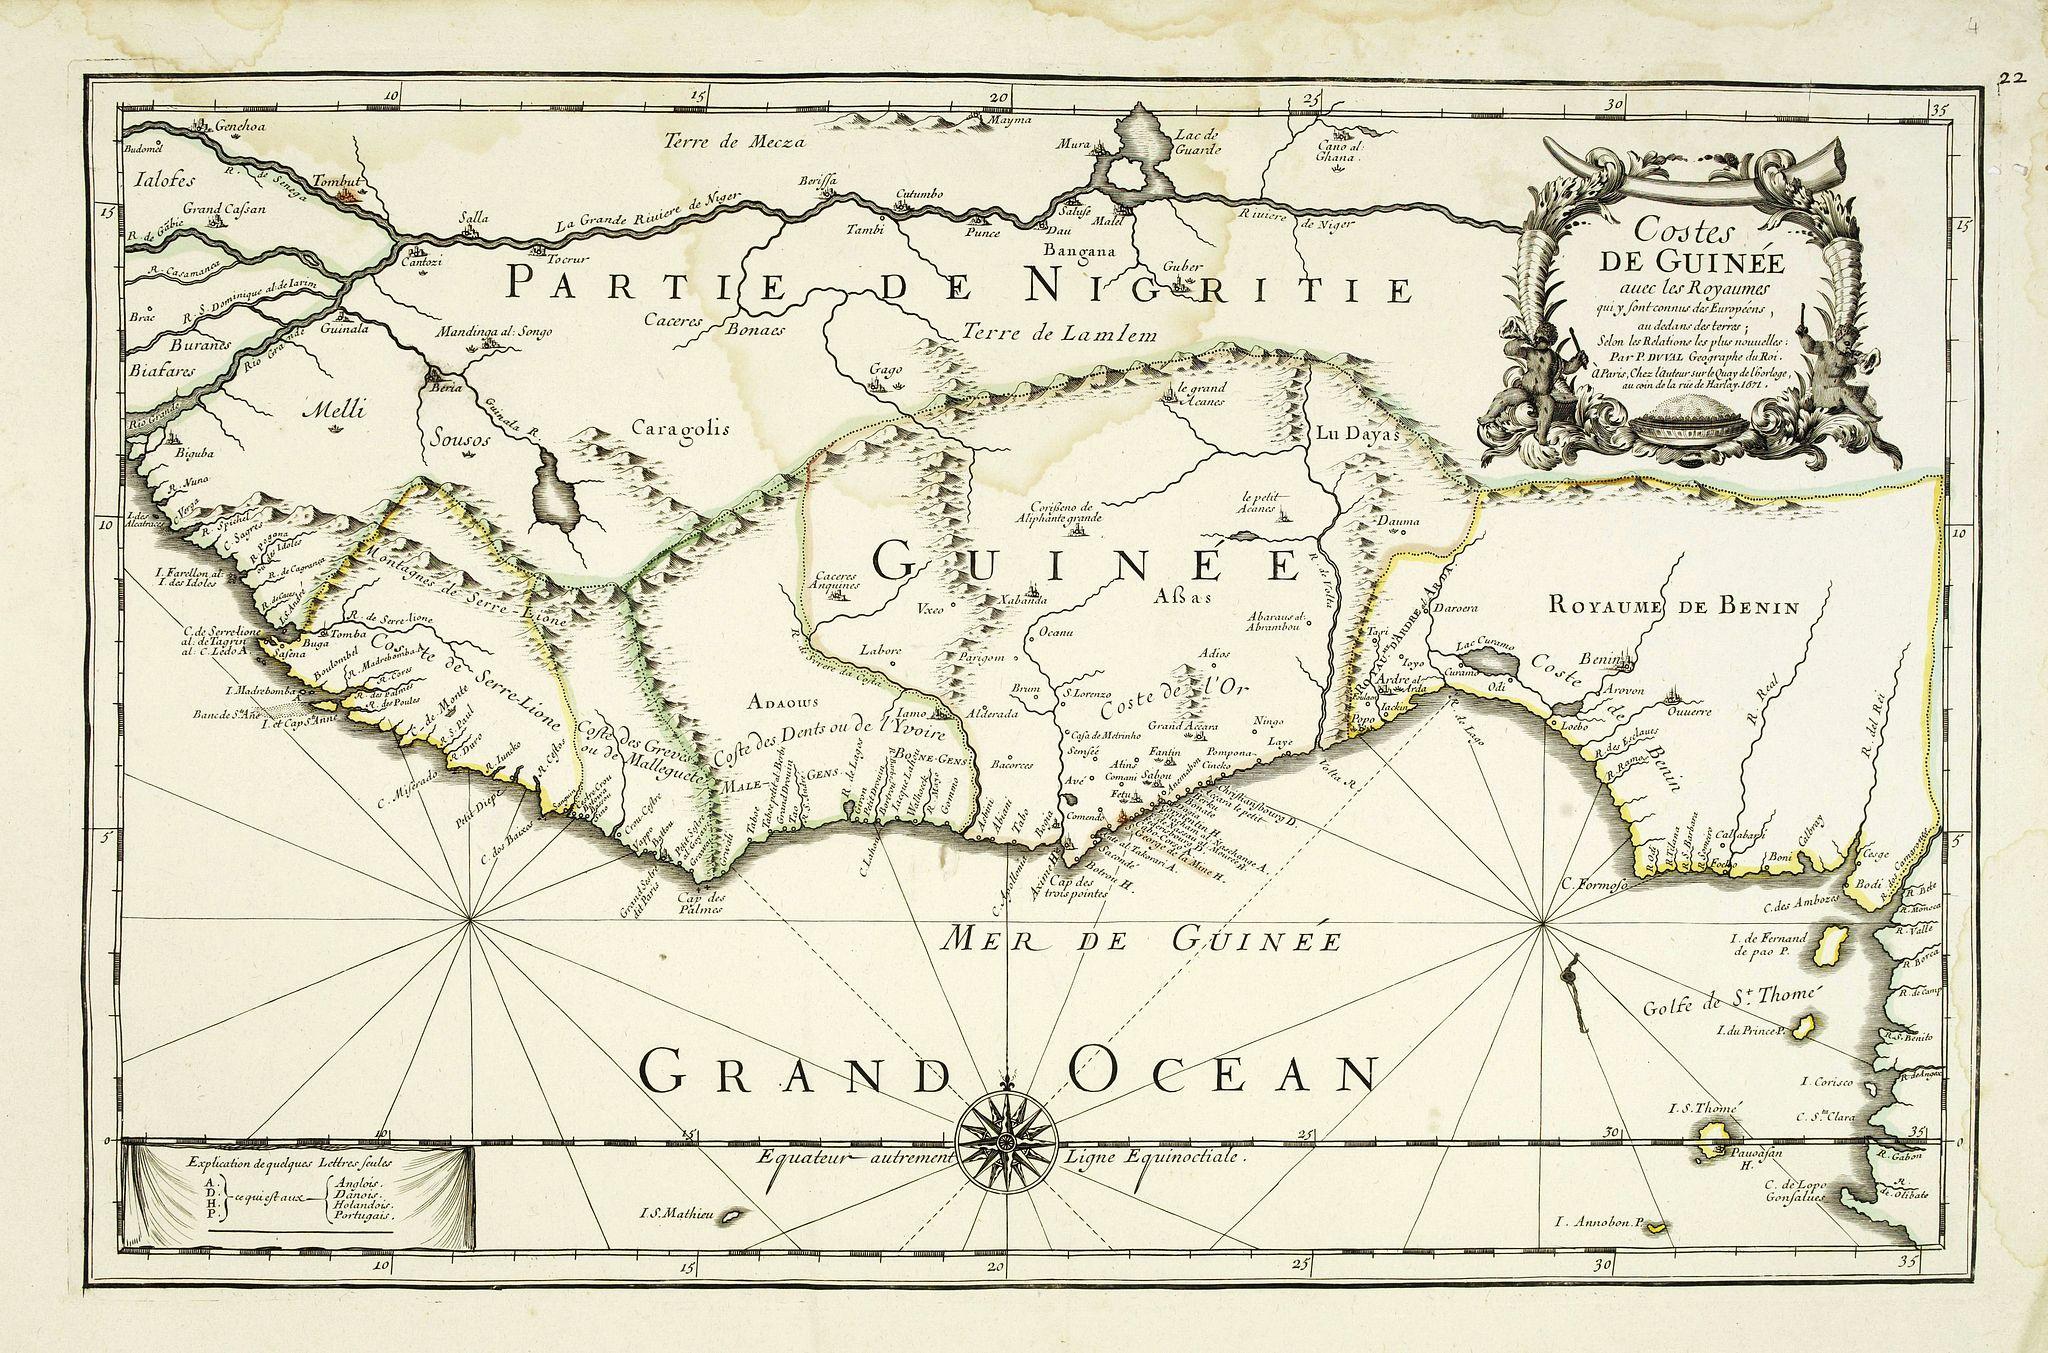 DU VAL, P. -  Costes de Guinée avec les Royaumes qui y sont connus des Européens, au-dedans des terres, selonn les relations les plus nouvelles . . .